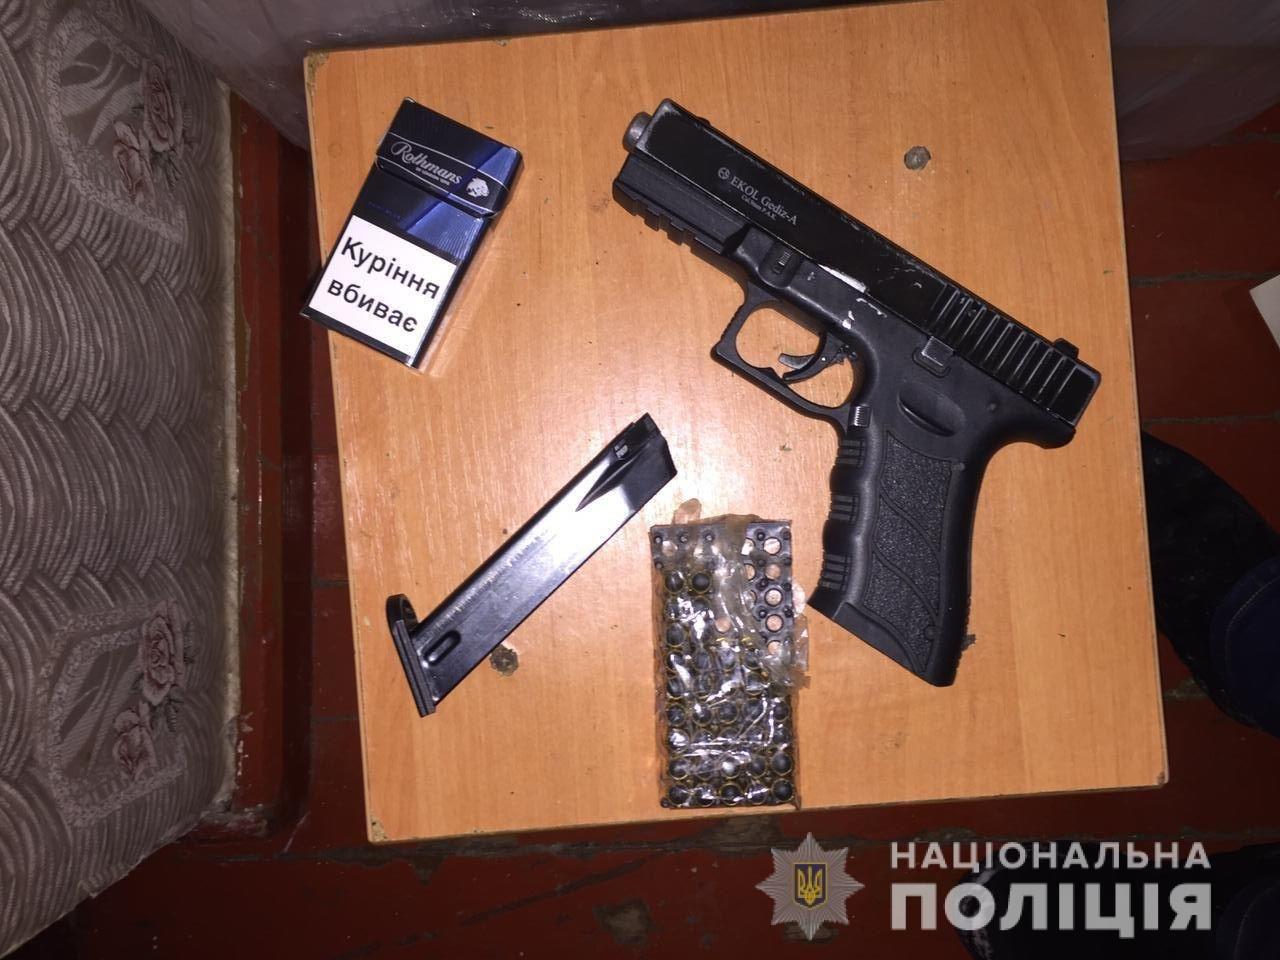 В Днепре задержали вооруженного наркоторговца с крупной партией канабиса, фото-1